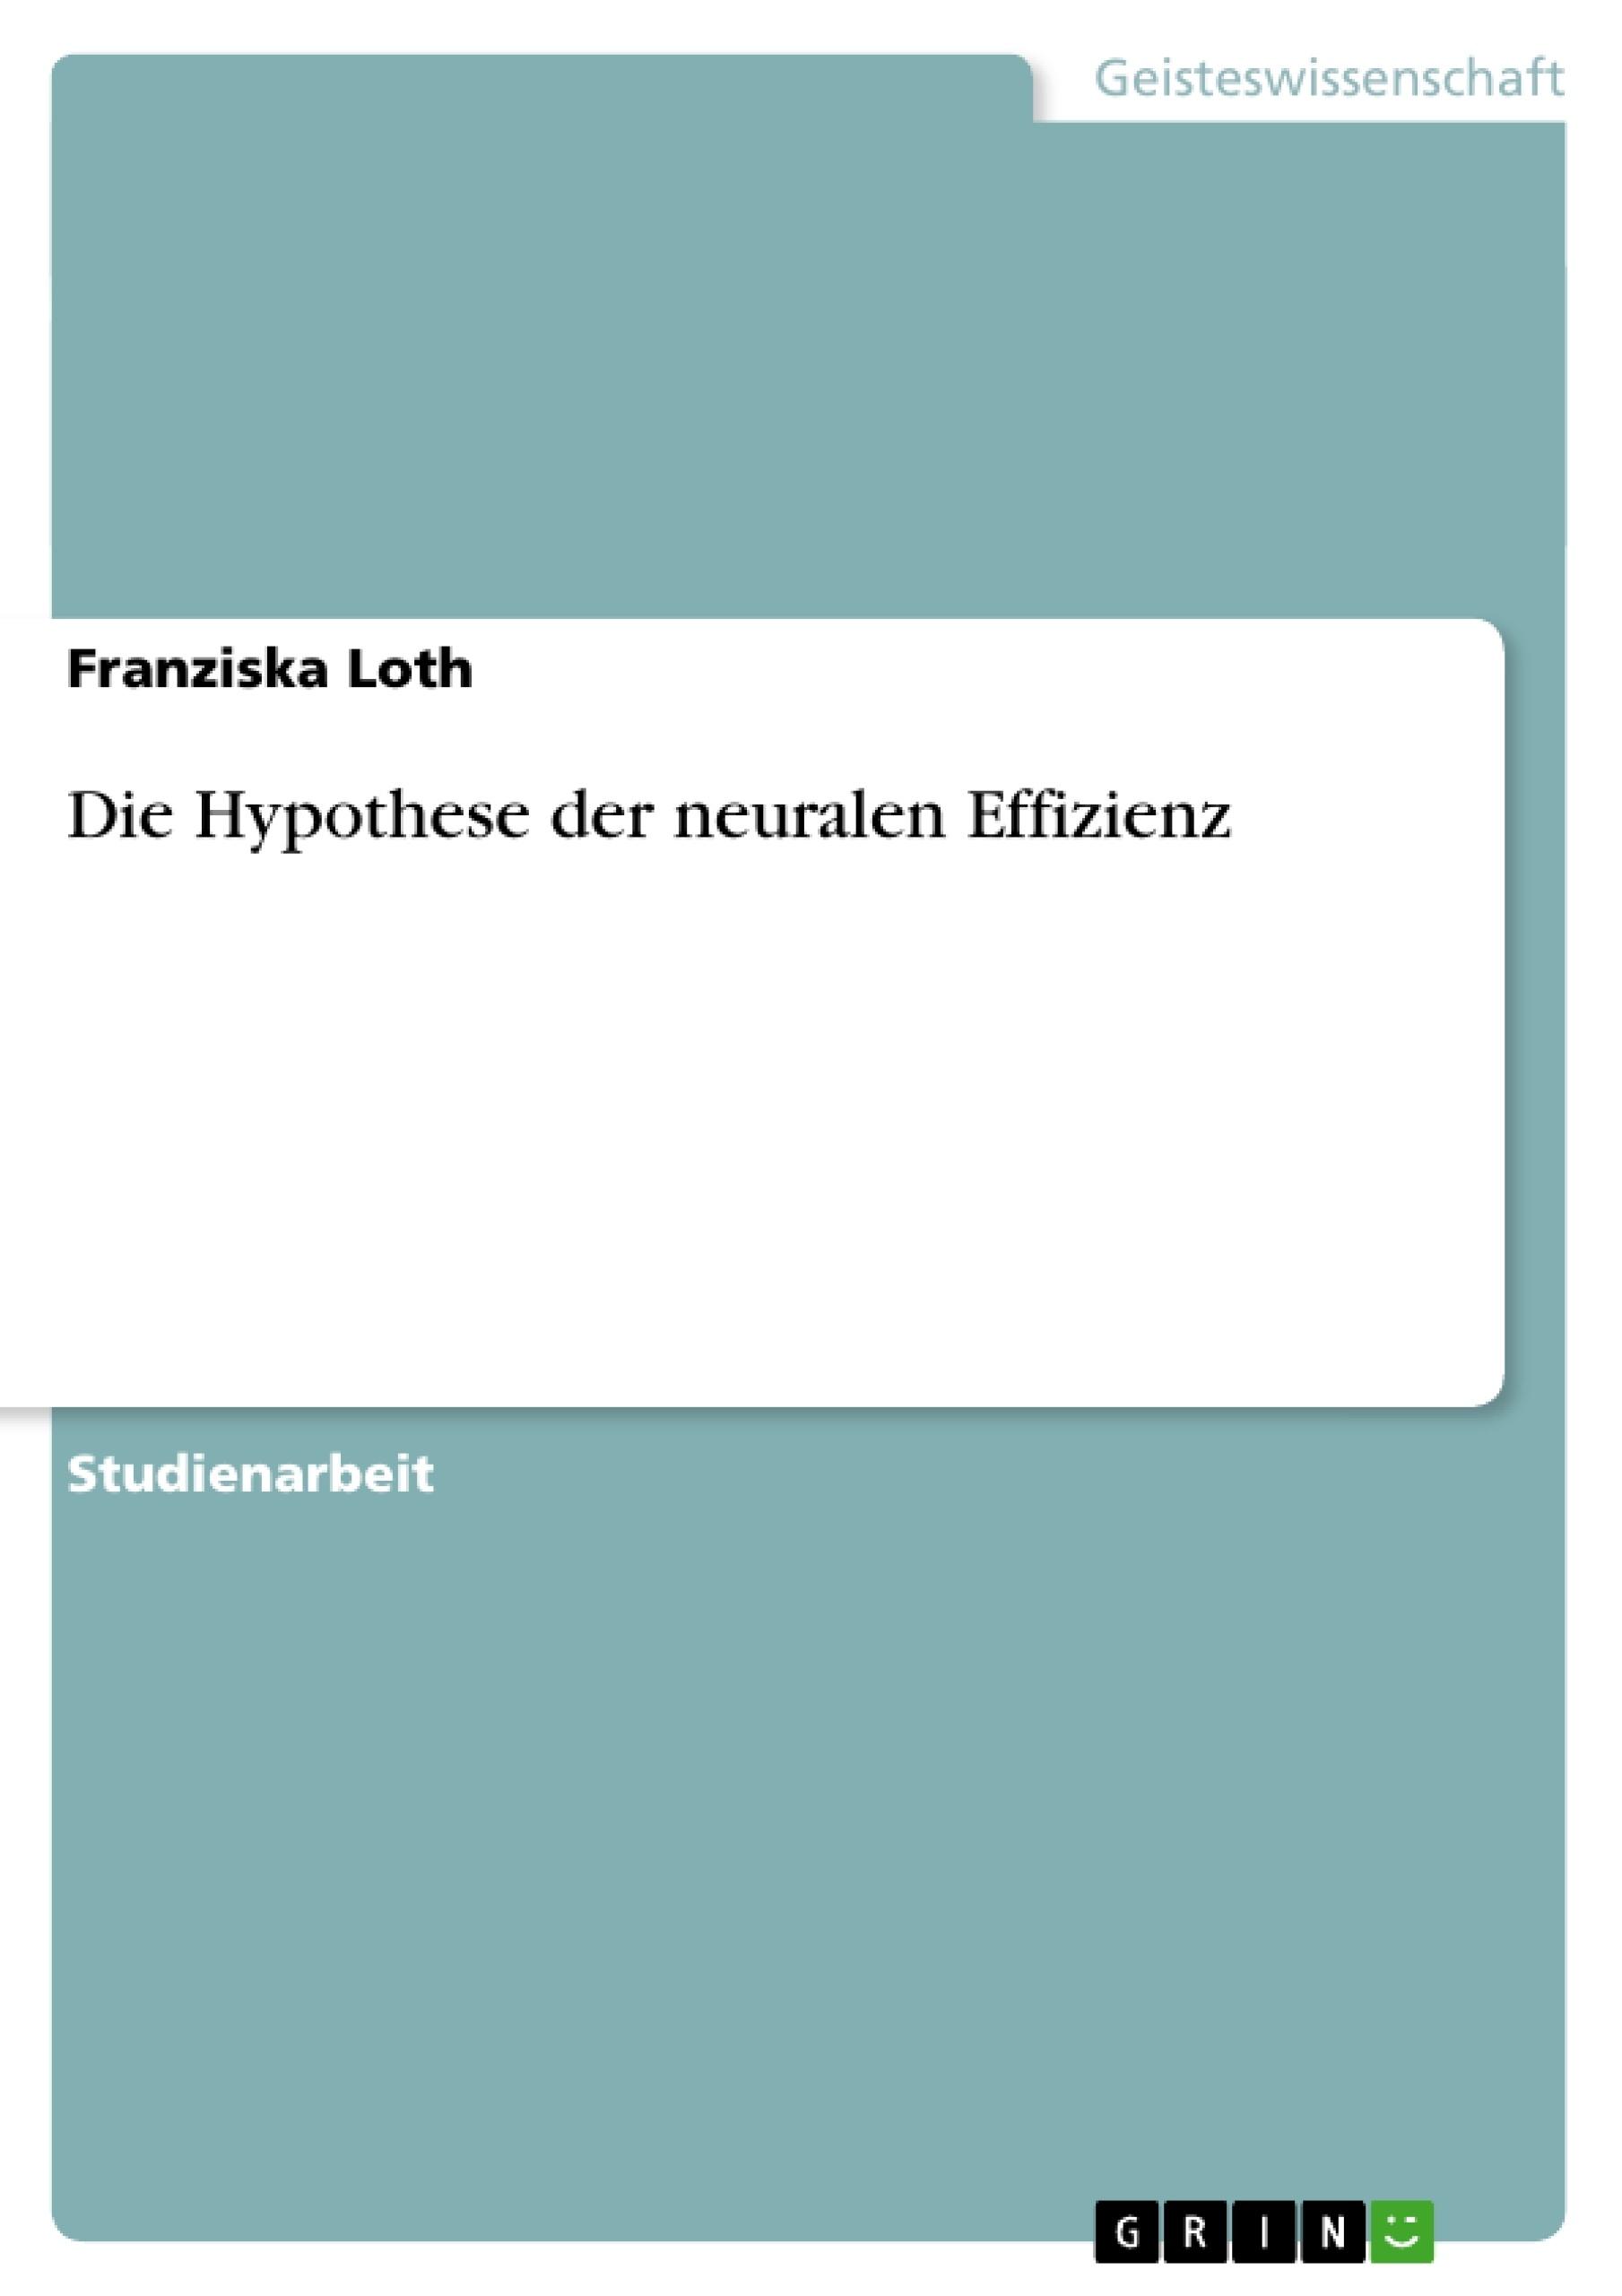 Titel: Die Hypothese der neuralen Effizienz